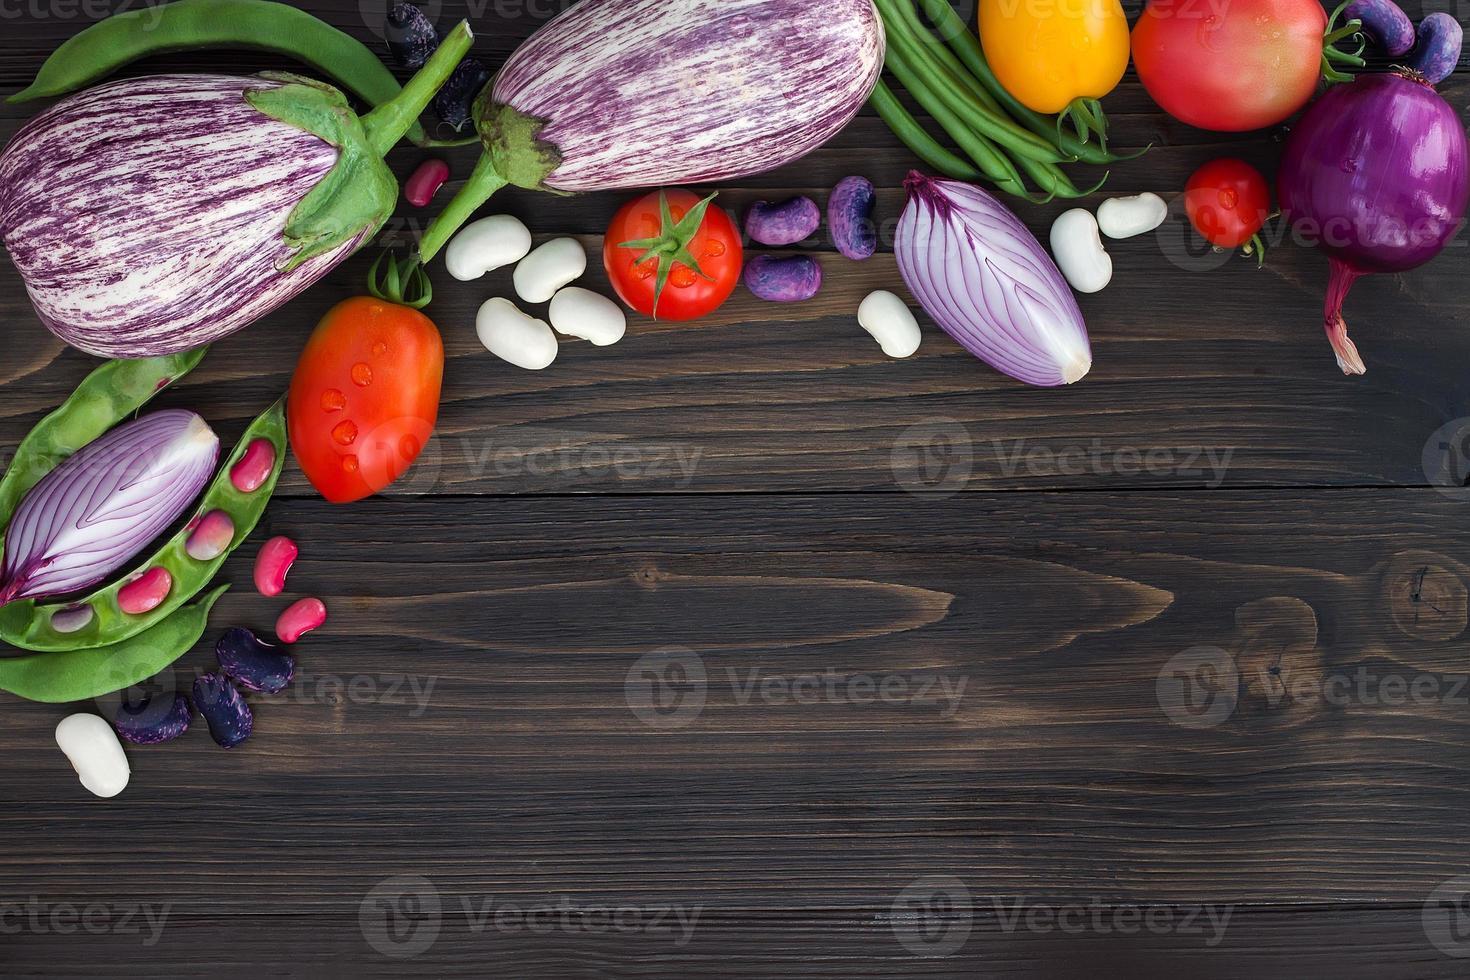 boeren markt groente van bovenaf, kopieer ruimte. gezond eten achtergrond. foto